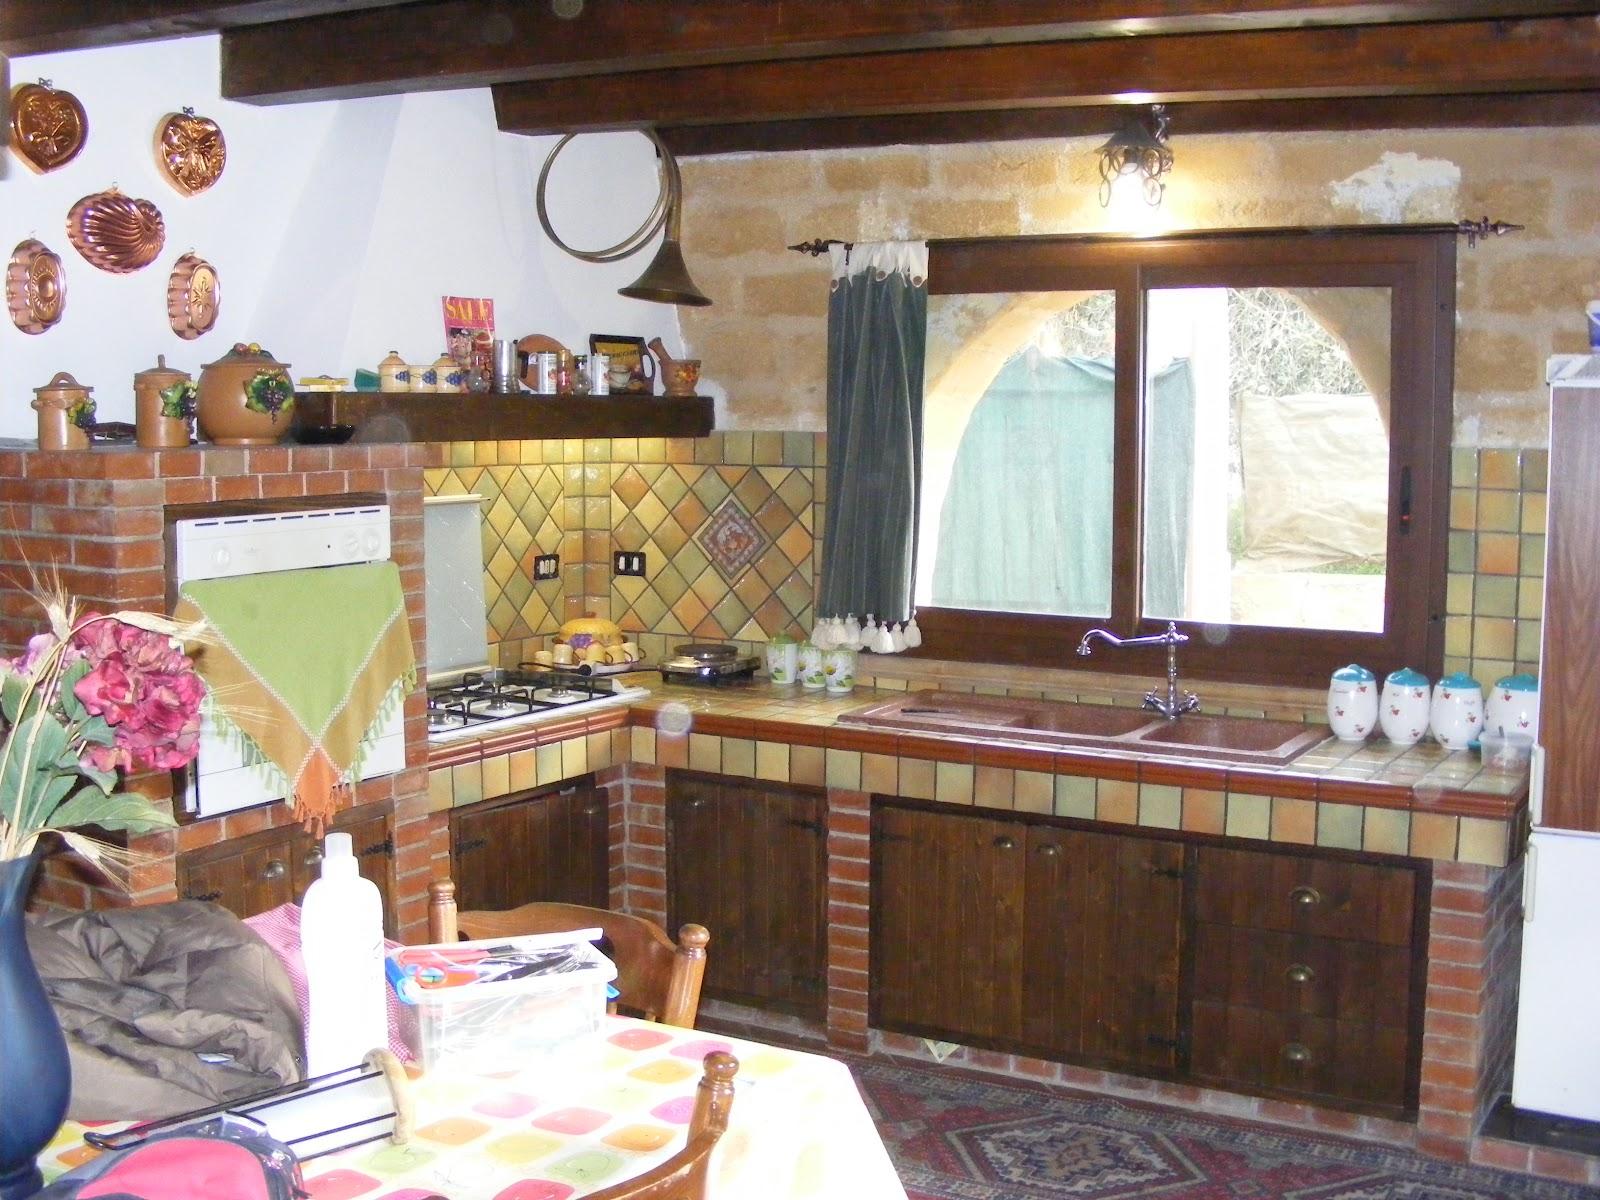 I miei lavori di intonaco stampato e pietra naturale for Tendine per cucina rustica